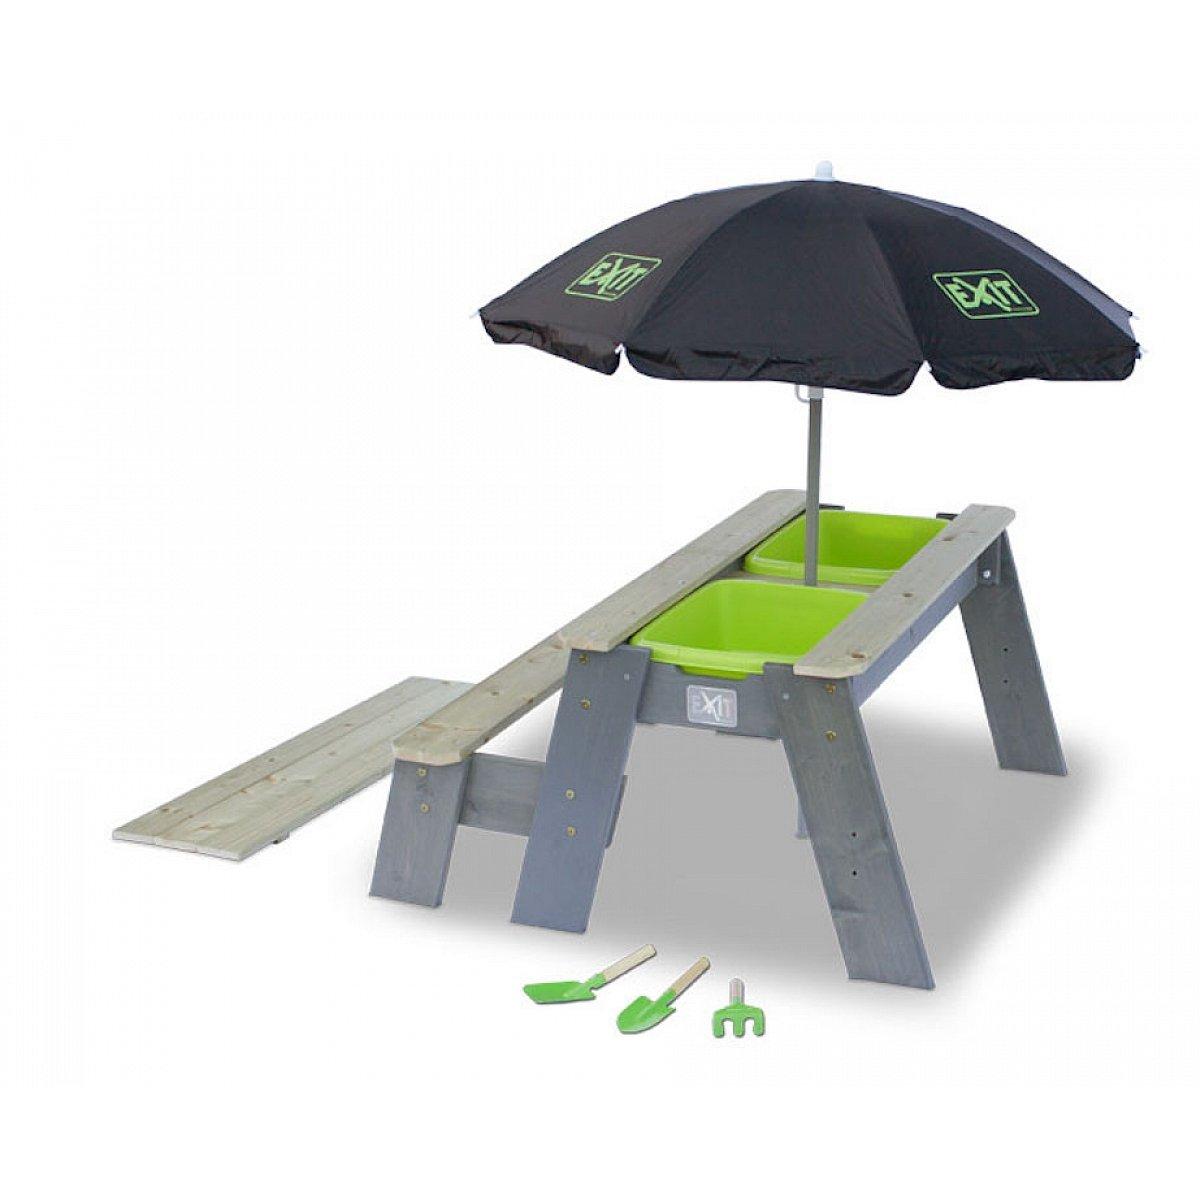 EXIT Aksent Sand- und Wasser- und Picknicktisch L mit Parasol und Schaufelln (1 Bank)